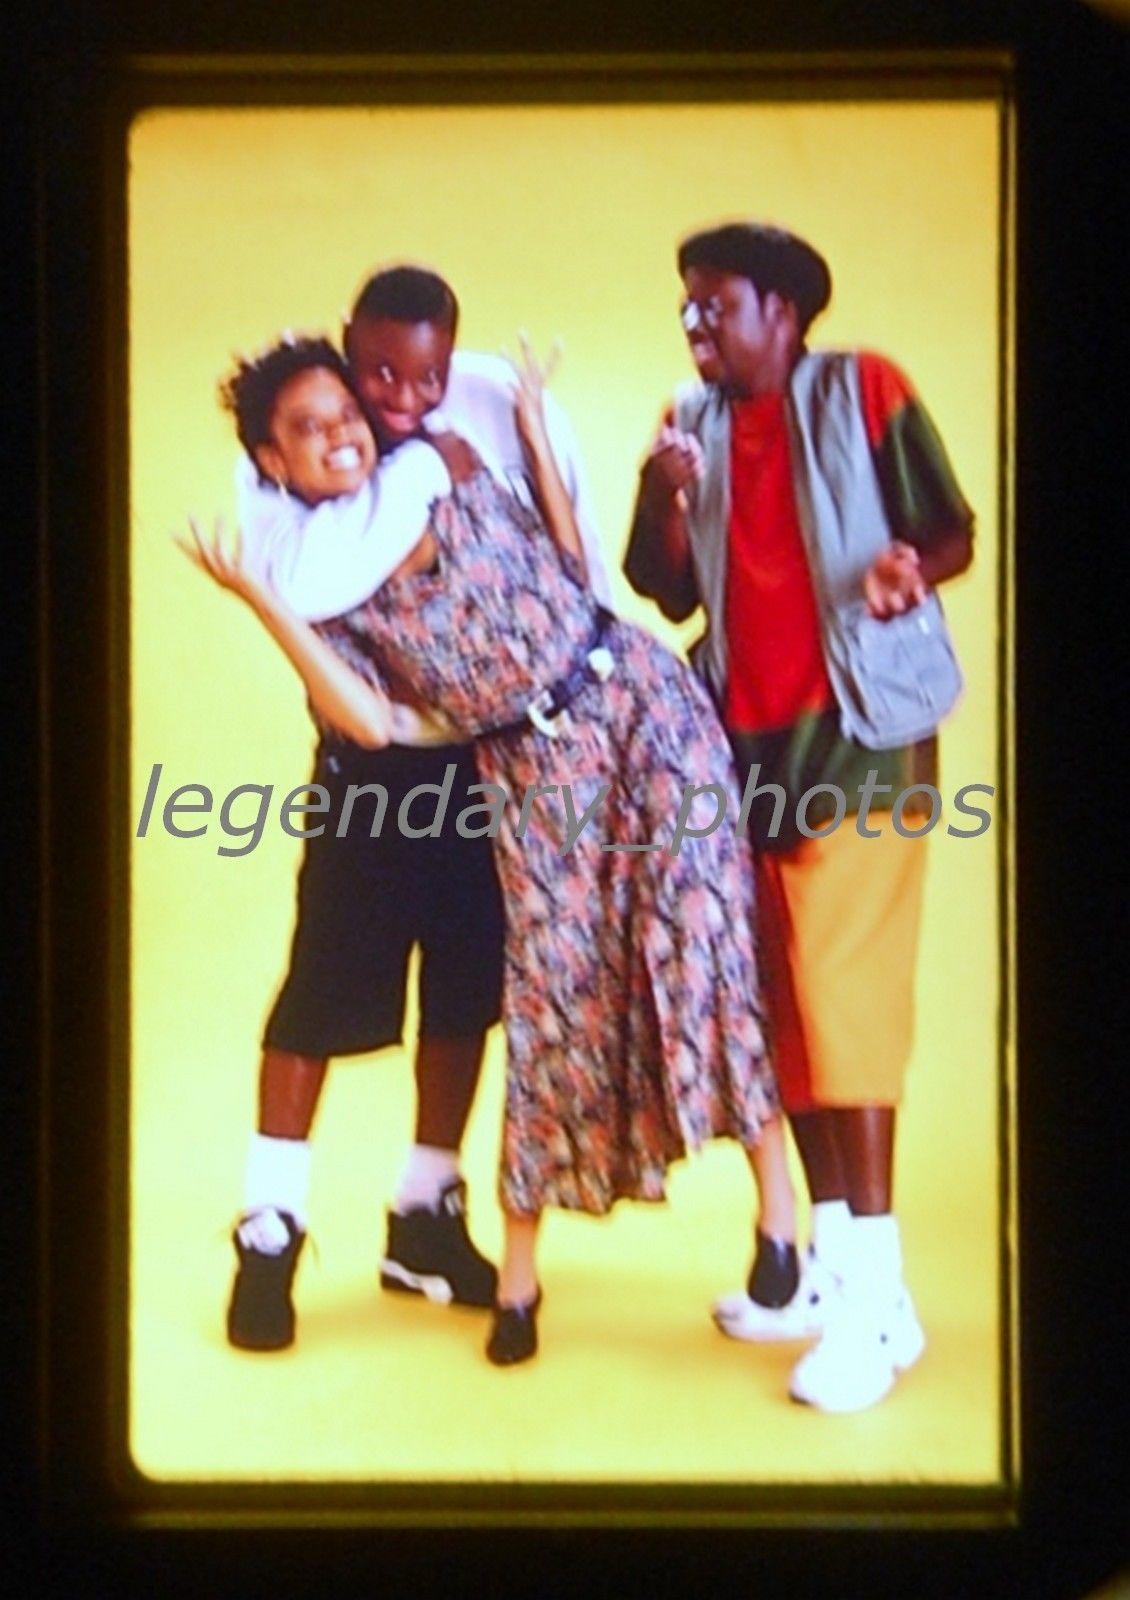 Malcolm_Jamal_Warner_Here_And_Now_35mm_Original_Color_Promo_Slides_6_